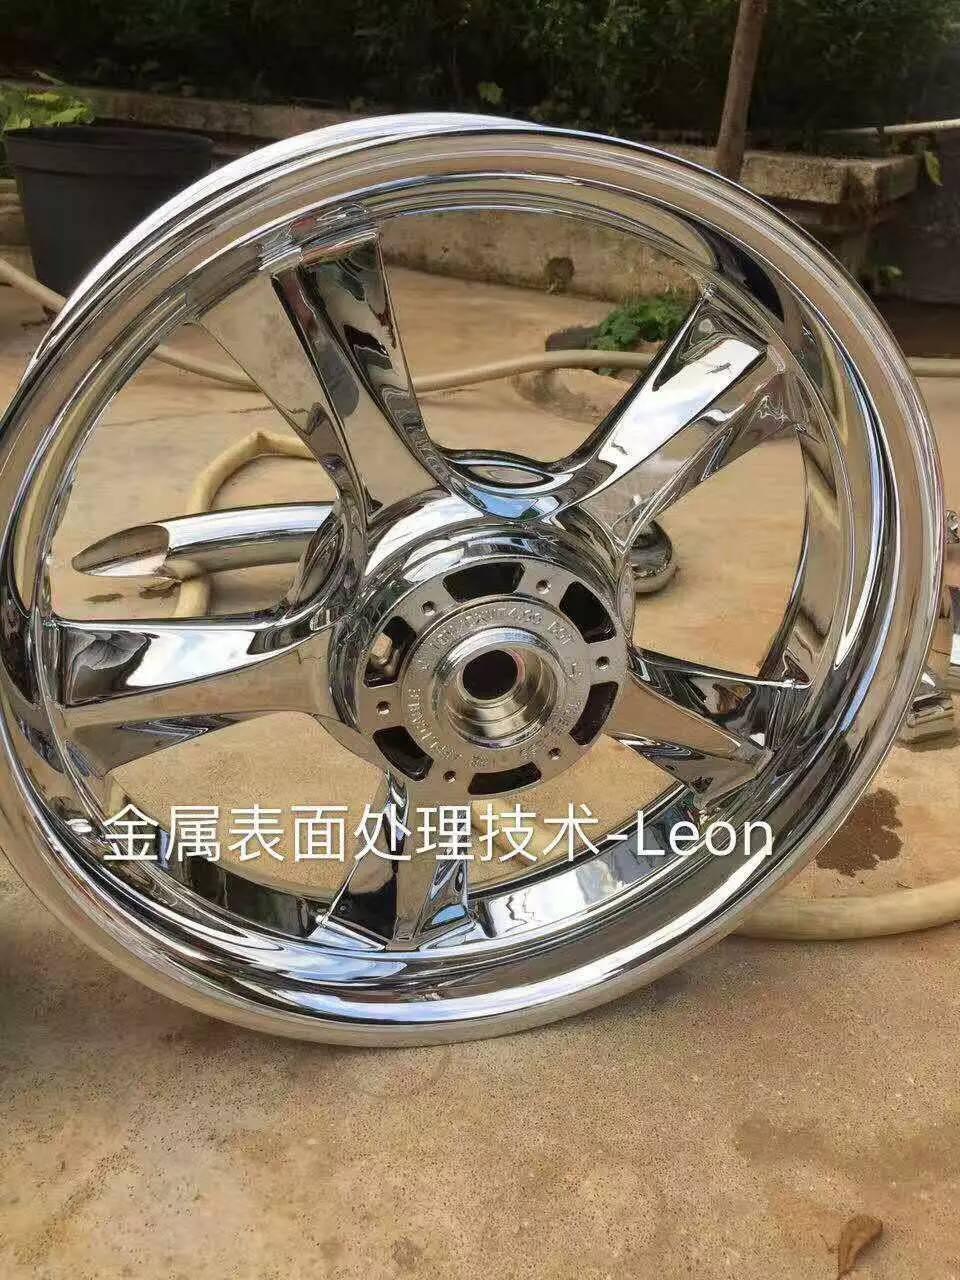 摩托车电镀加工翻新 各种铝合金配件电镀加工翻新